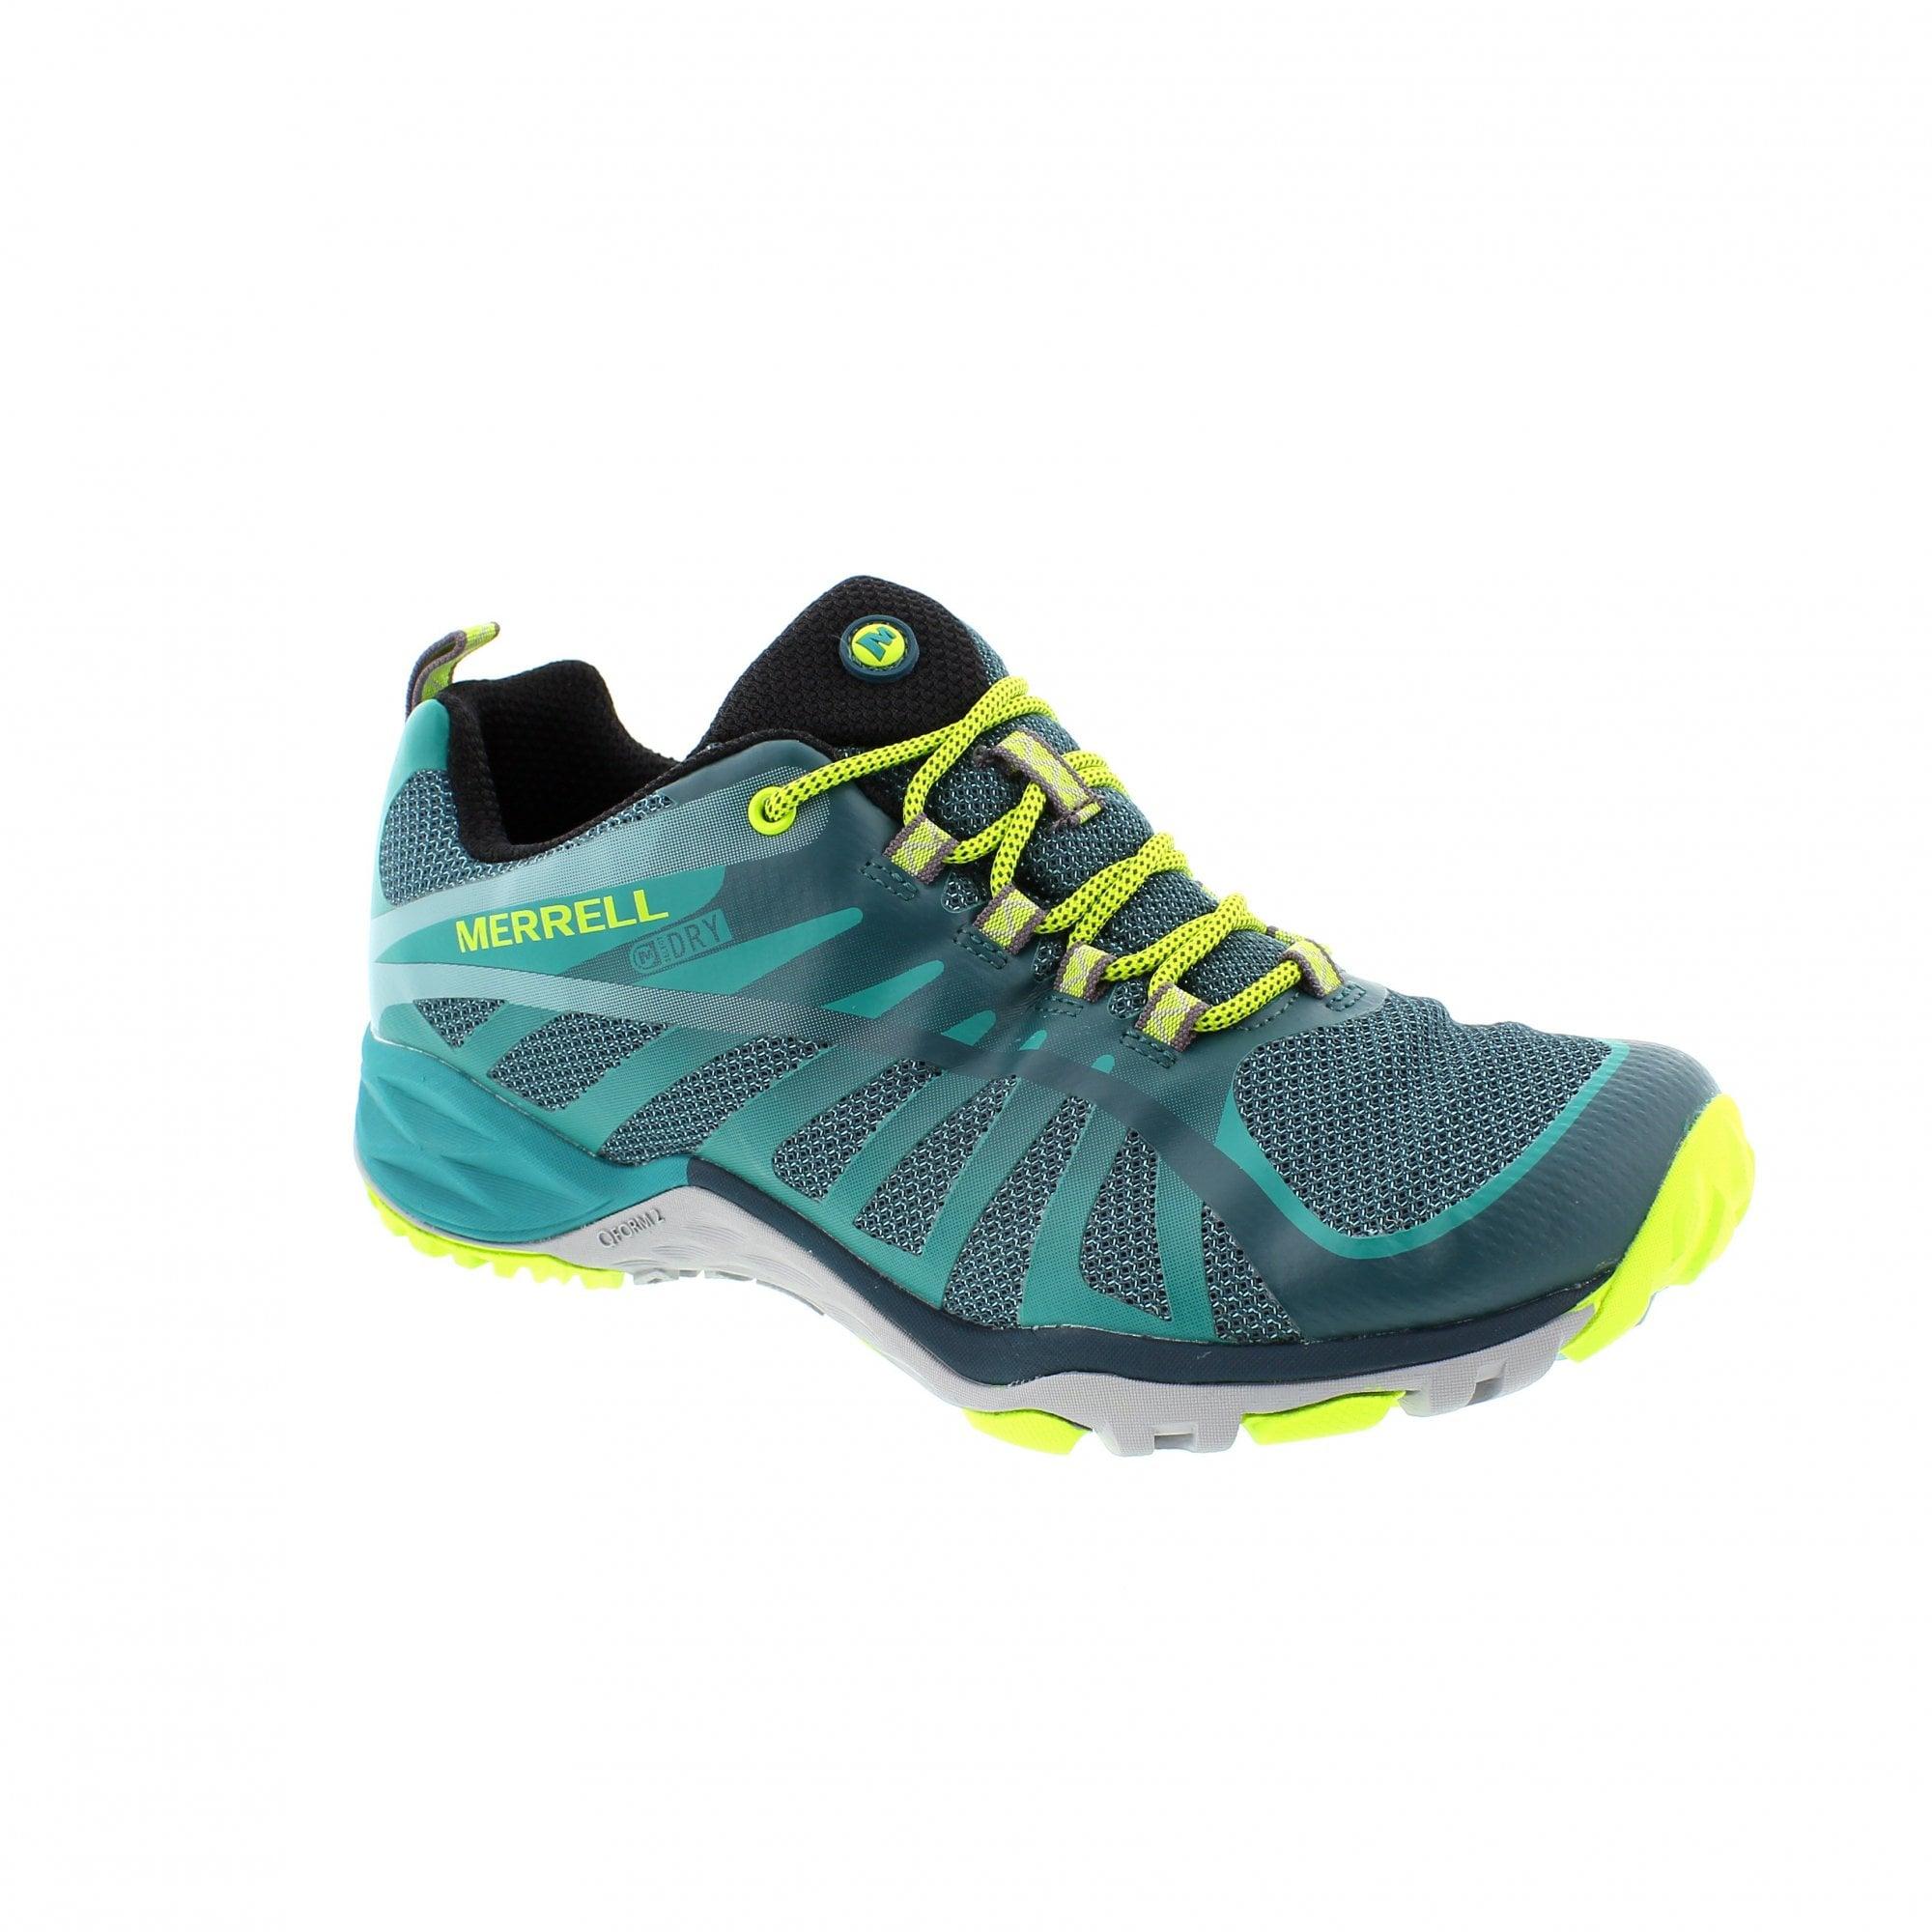 merrell siren edge sneakers